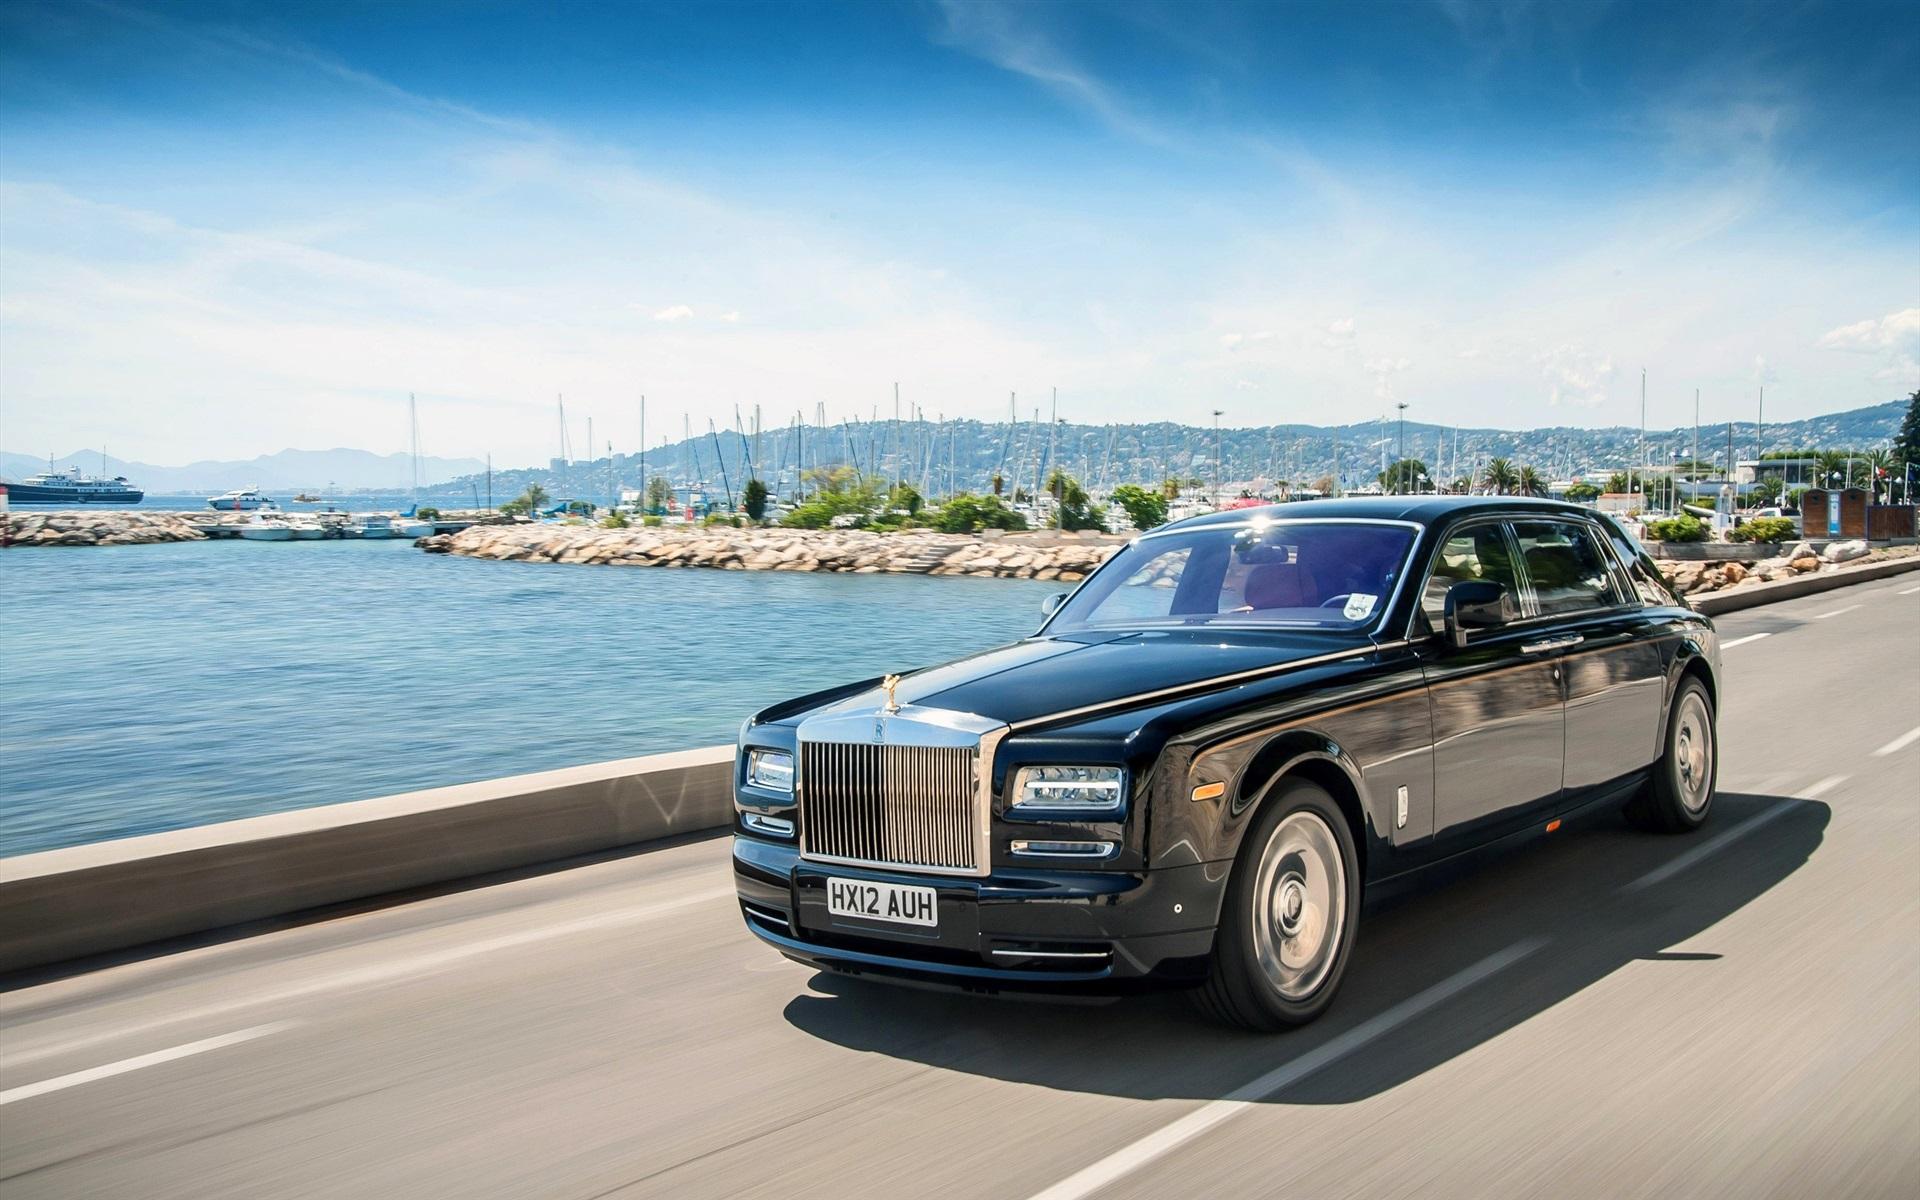 壁紙 速度のロールスロイスの黒の高級車 2560x1600 Hd 無料のデスクトップの背景 画像